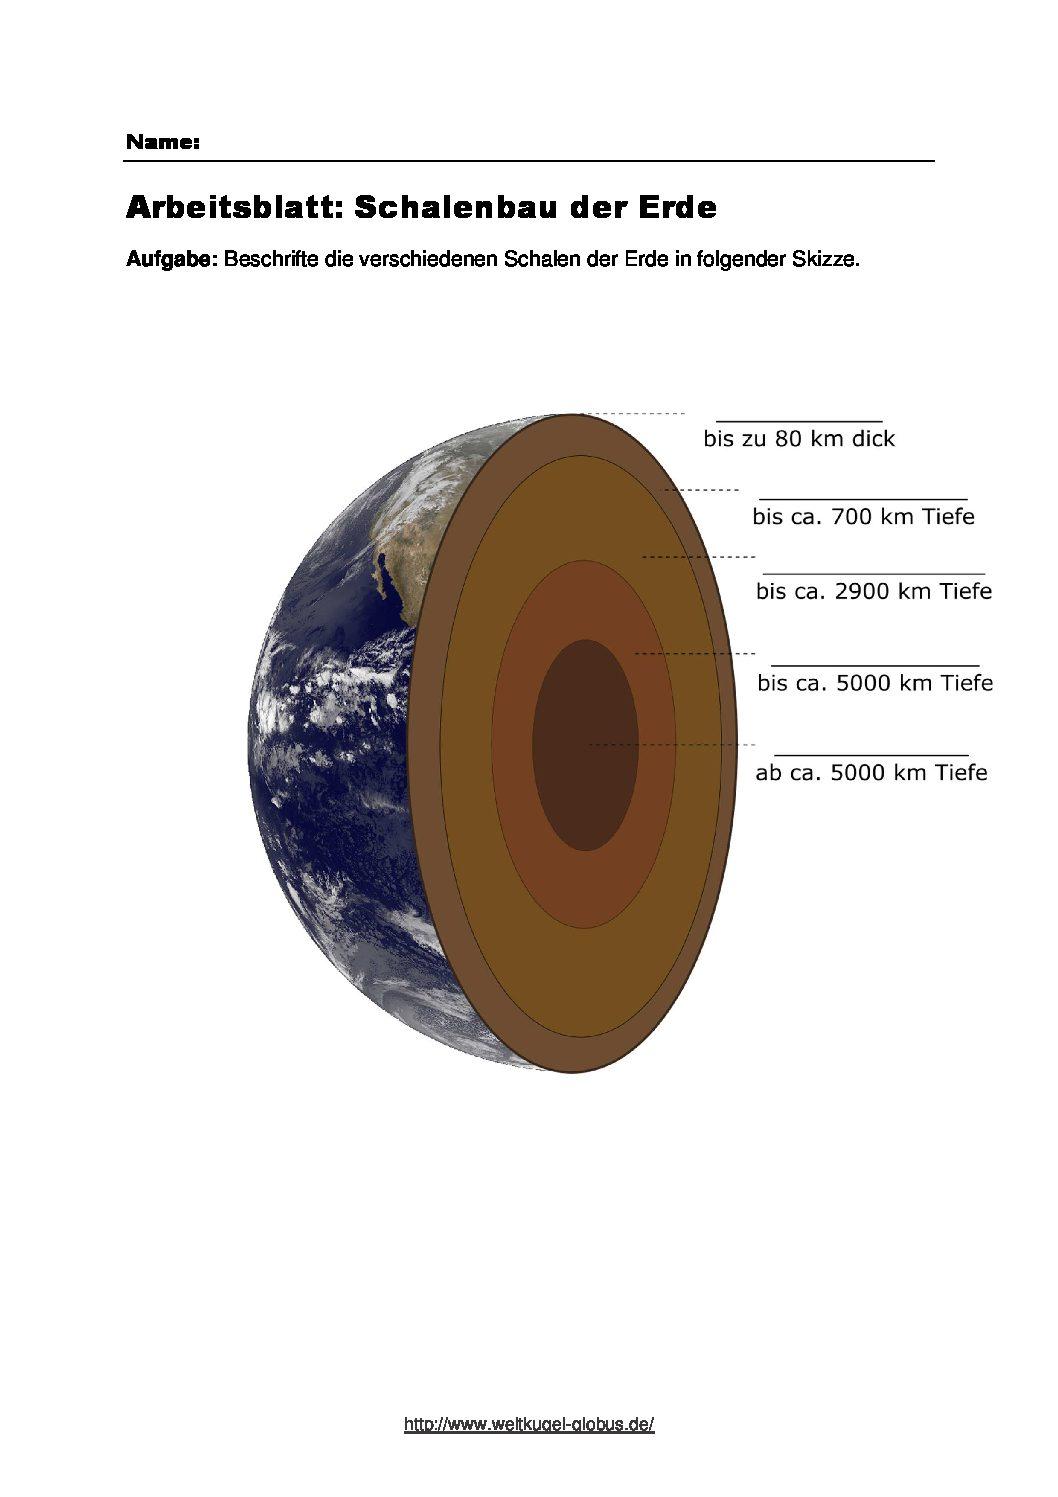 Arbeitsblatt - Schalenbau der Erde | Weltkugel-Globus.de